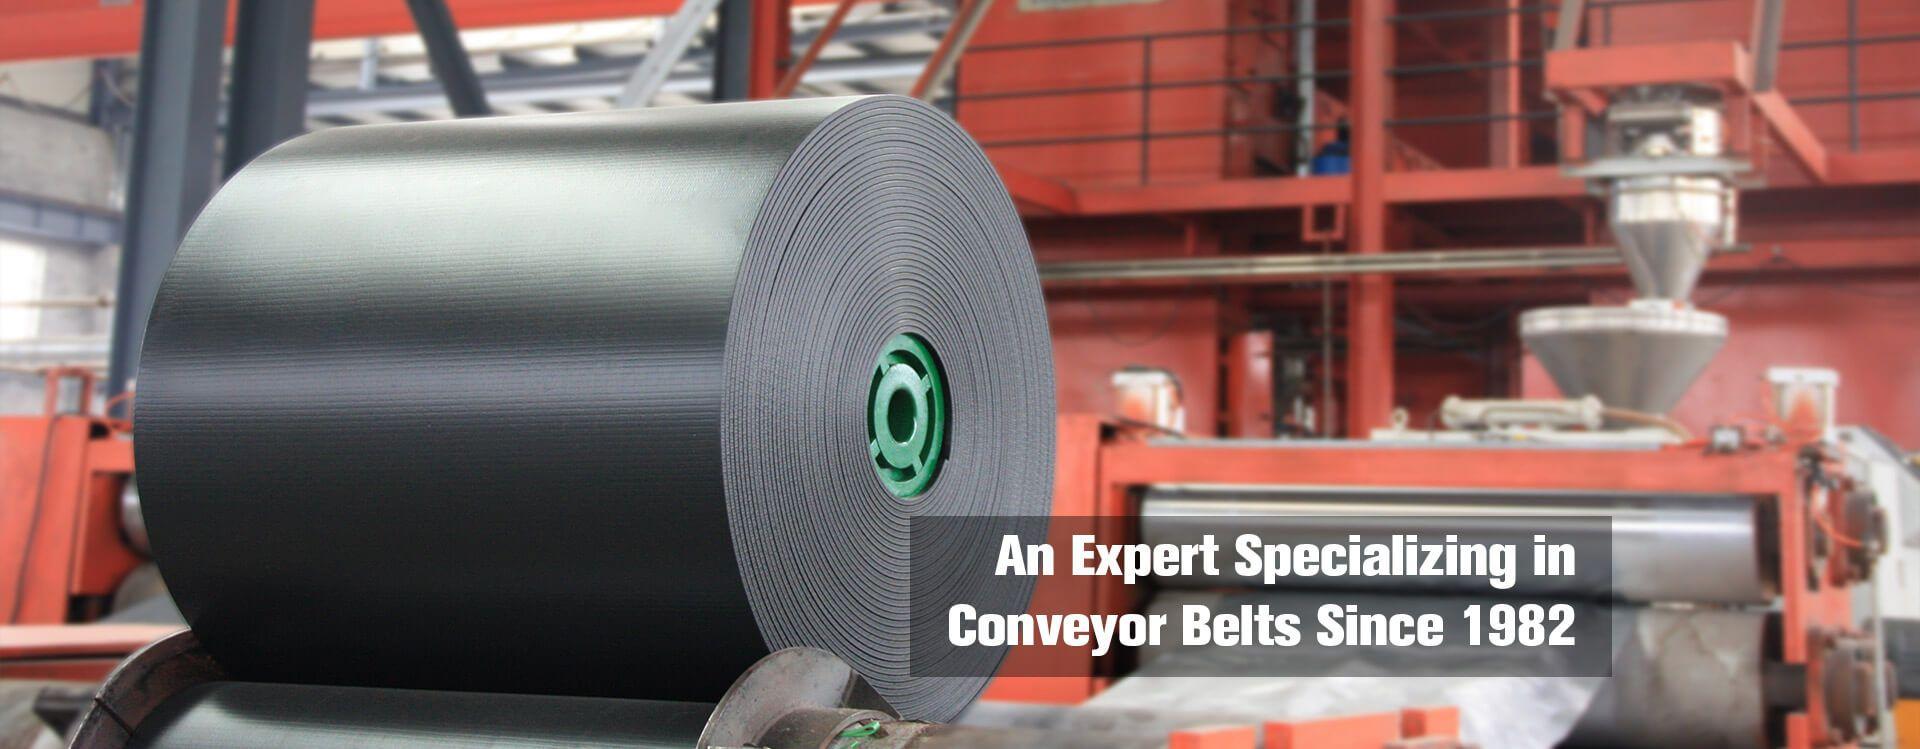 EP/NN Conveyor Belt Steel Cord Conveyor Belt PVC/PVG Conveyor Belt